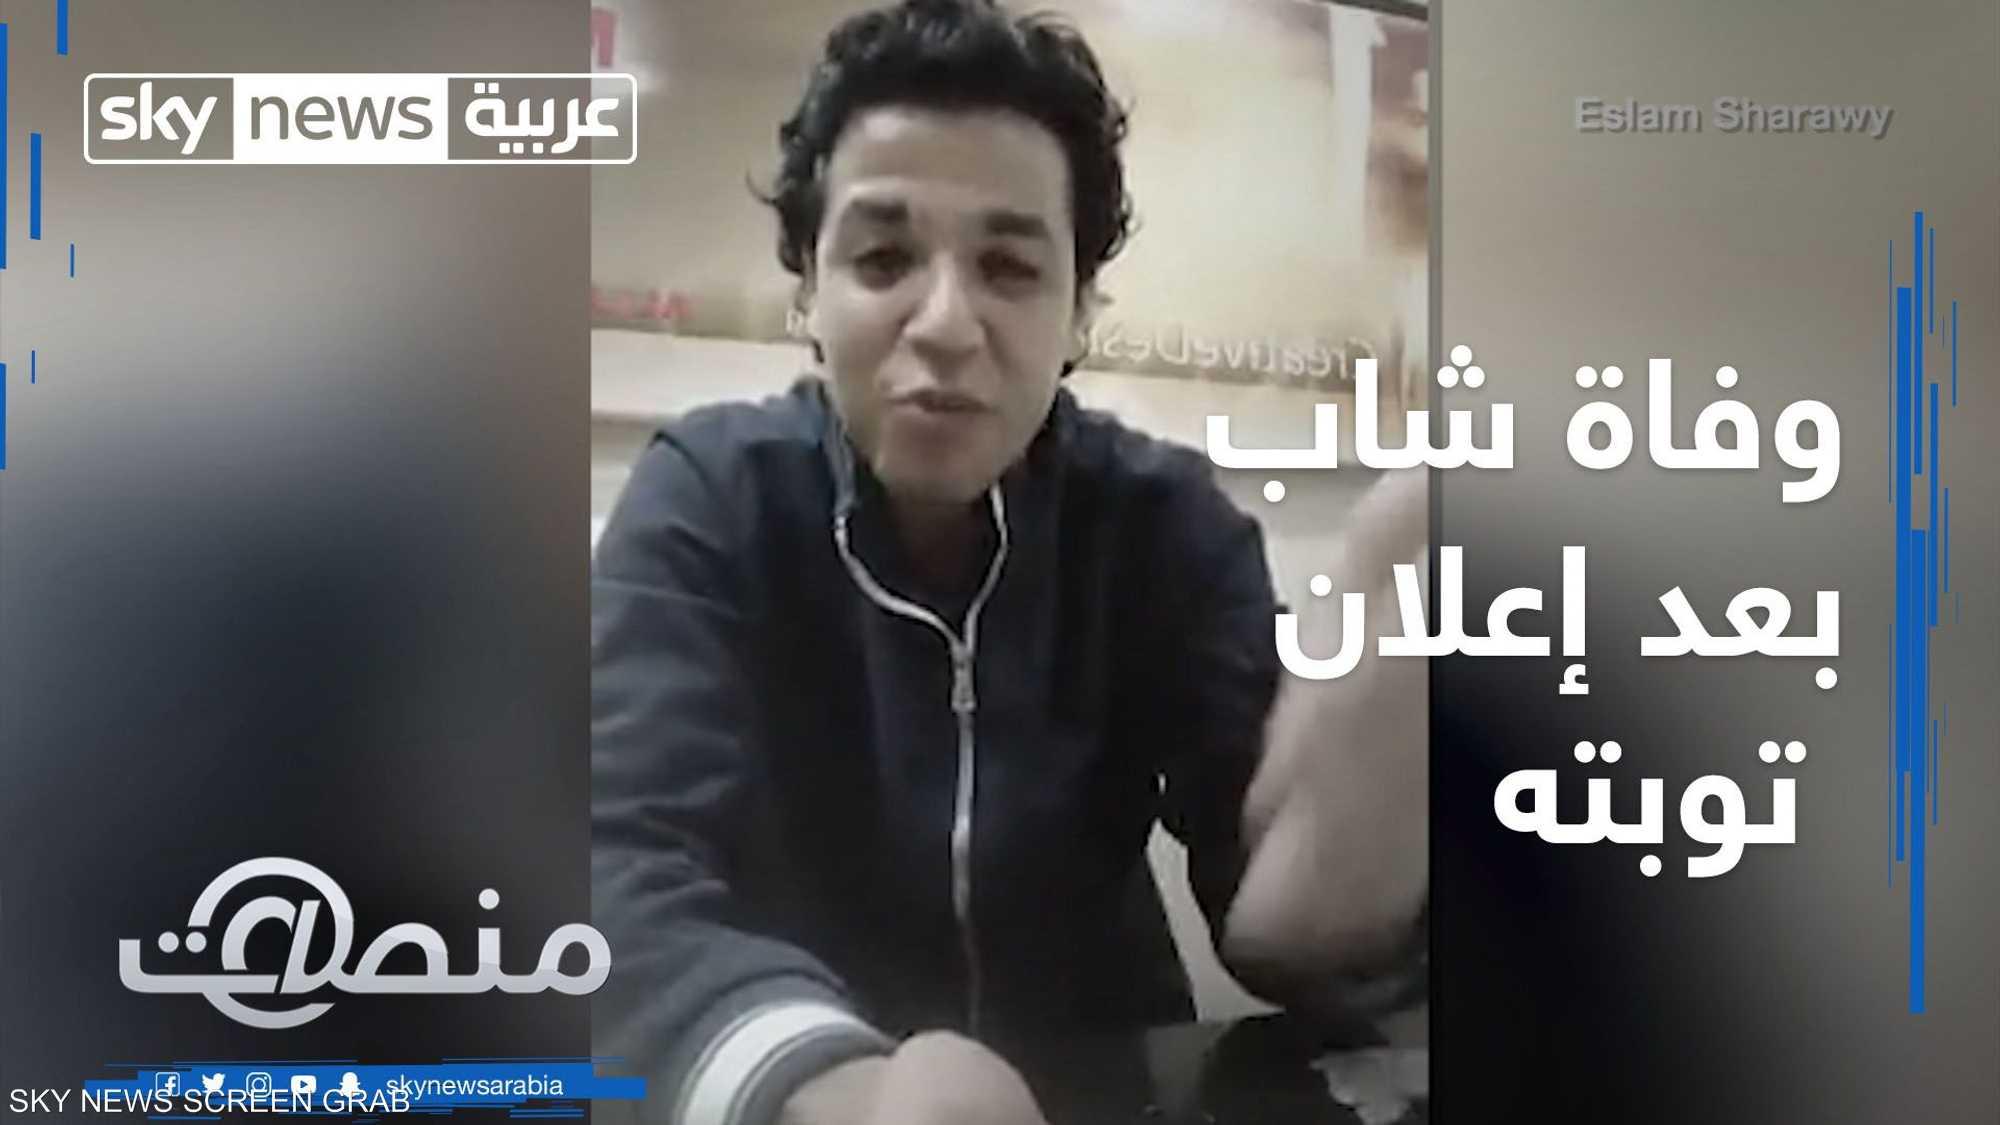 """قصة وفاة الشاب """"التائب"""" التي شغلت مواقع التواصل"""